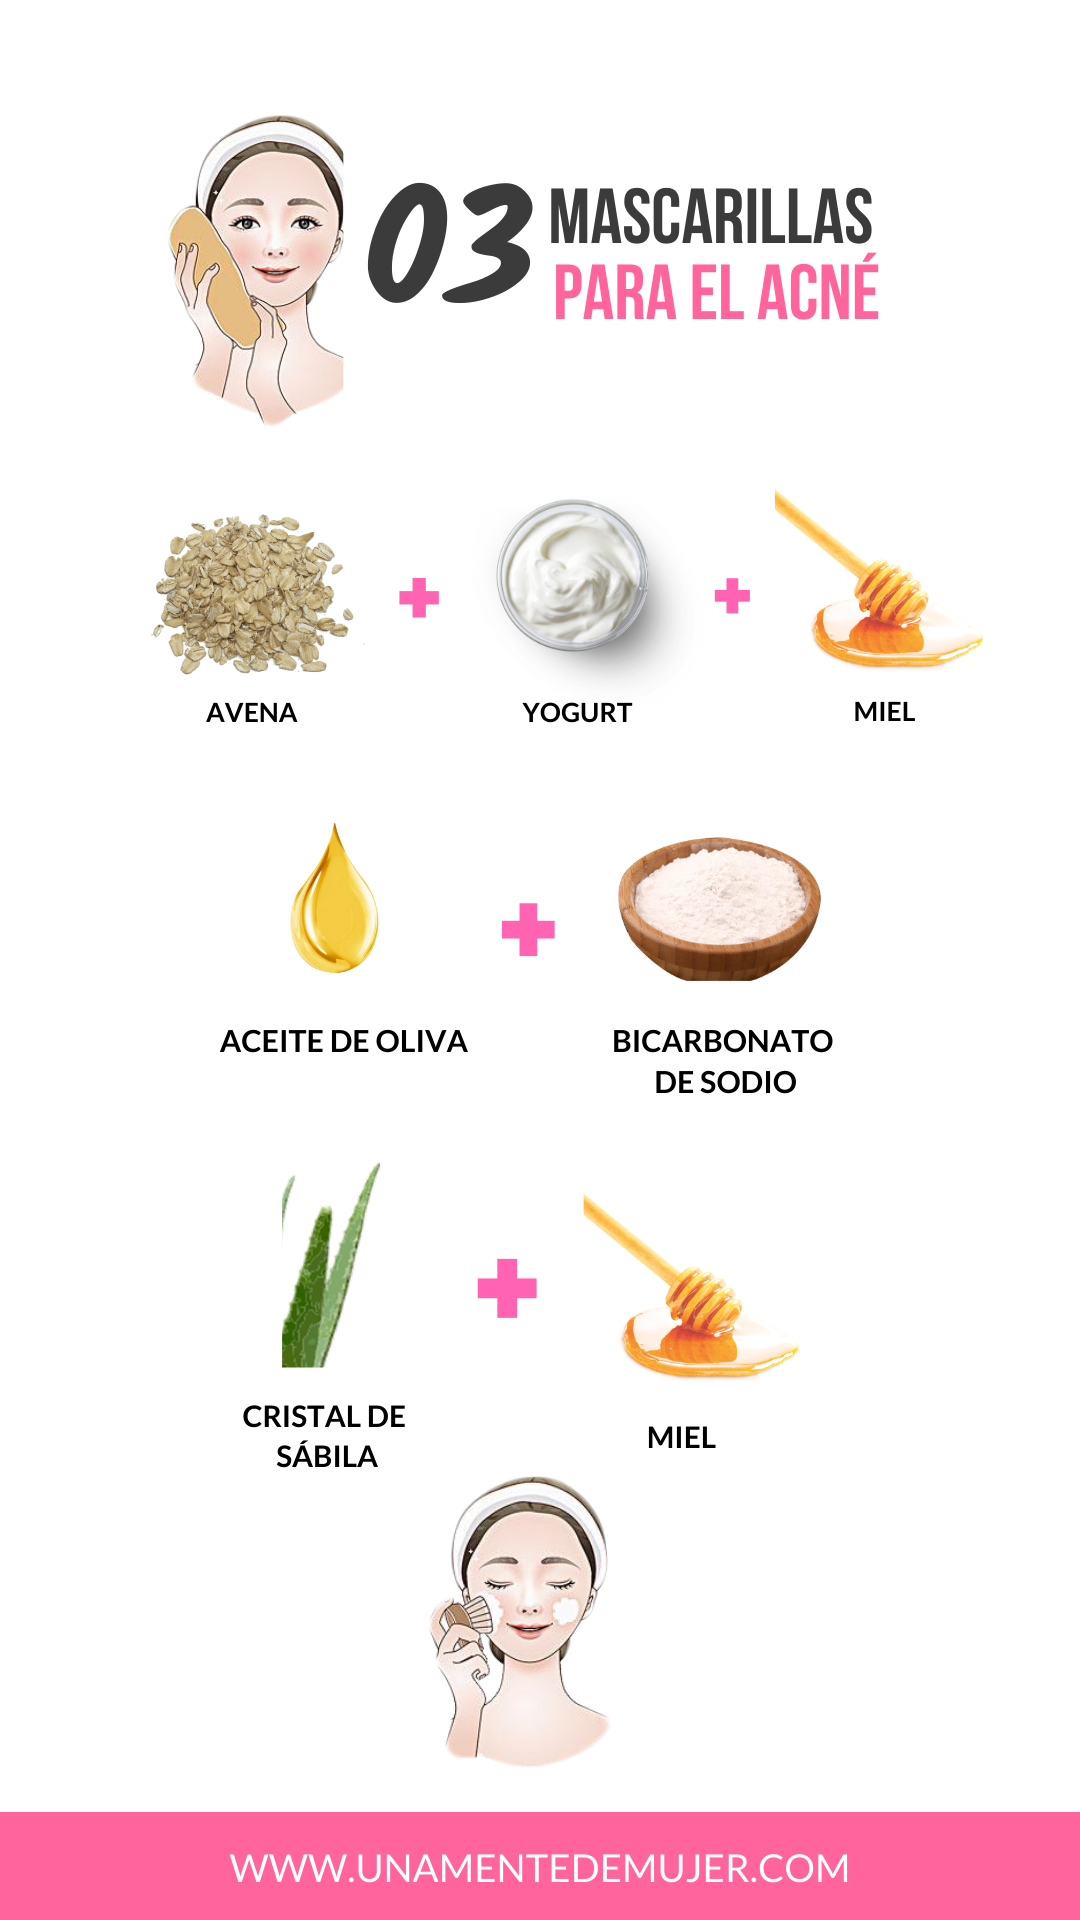 10 Remedios Caseros Para El Acné Una Mente De Mujer En 2020 Tips De Belleza Caseros Trucos Naturales De Belleza Tips De Belleza Naturales